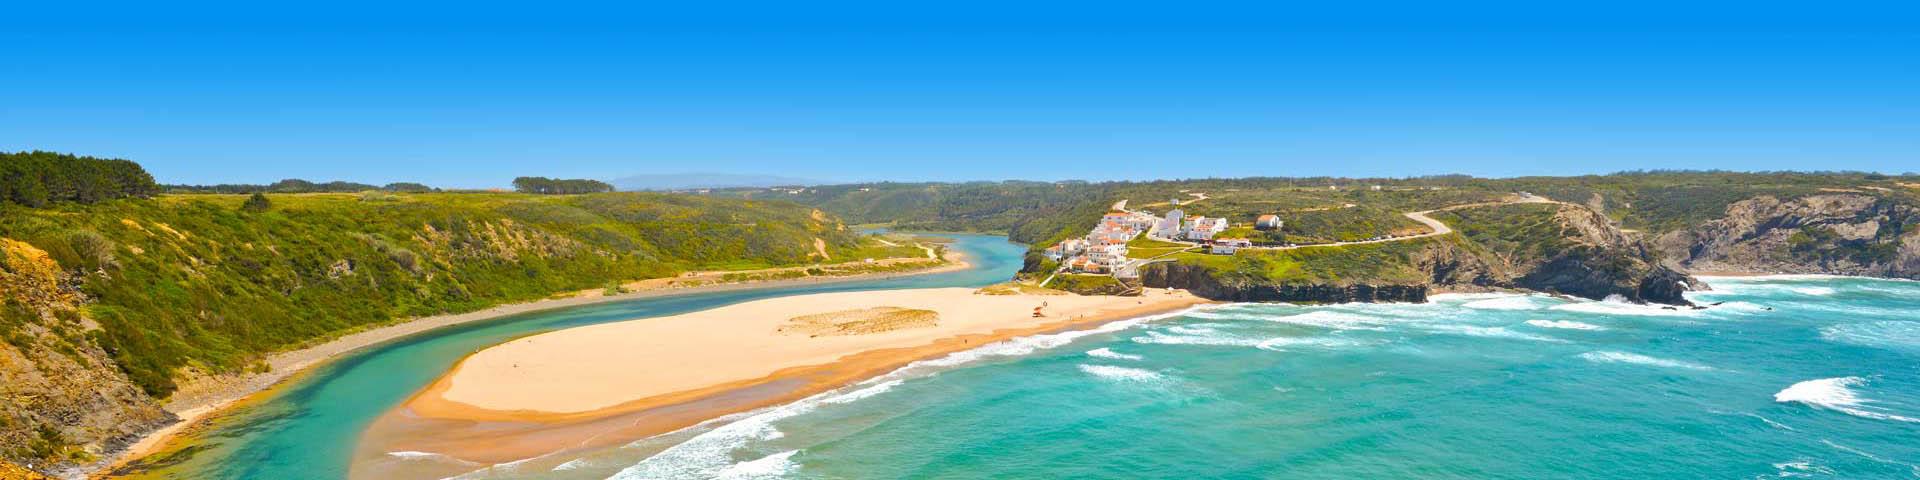 Strand met zee en rotsen met witte huisjes aan de kust van Portugal